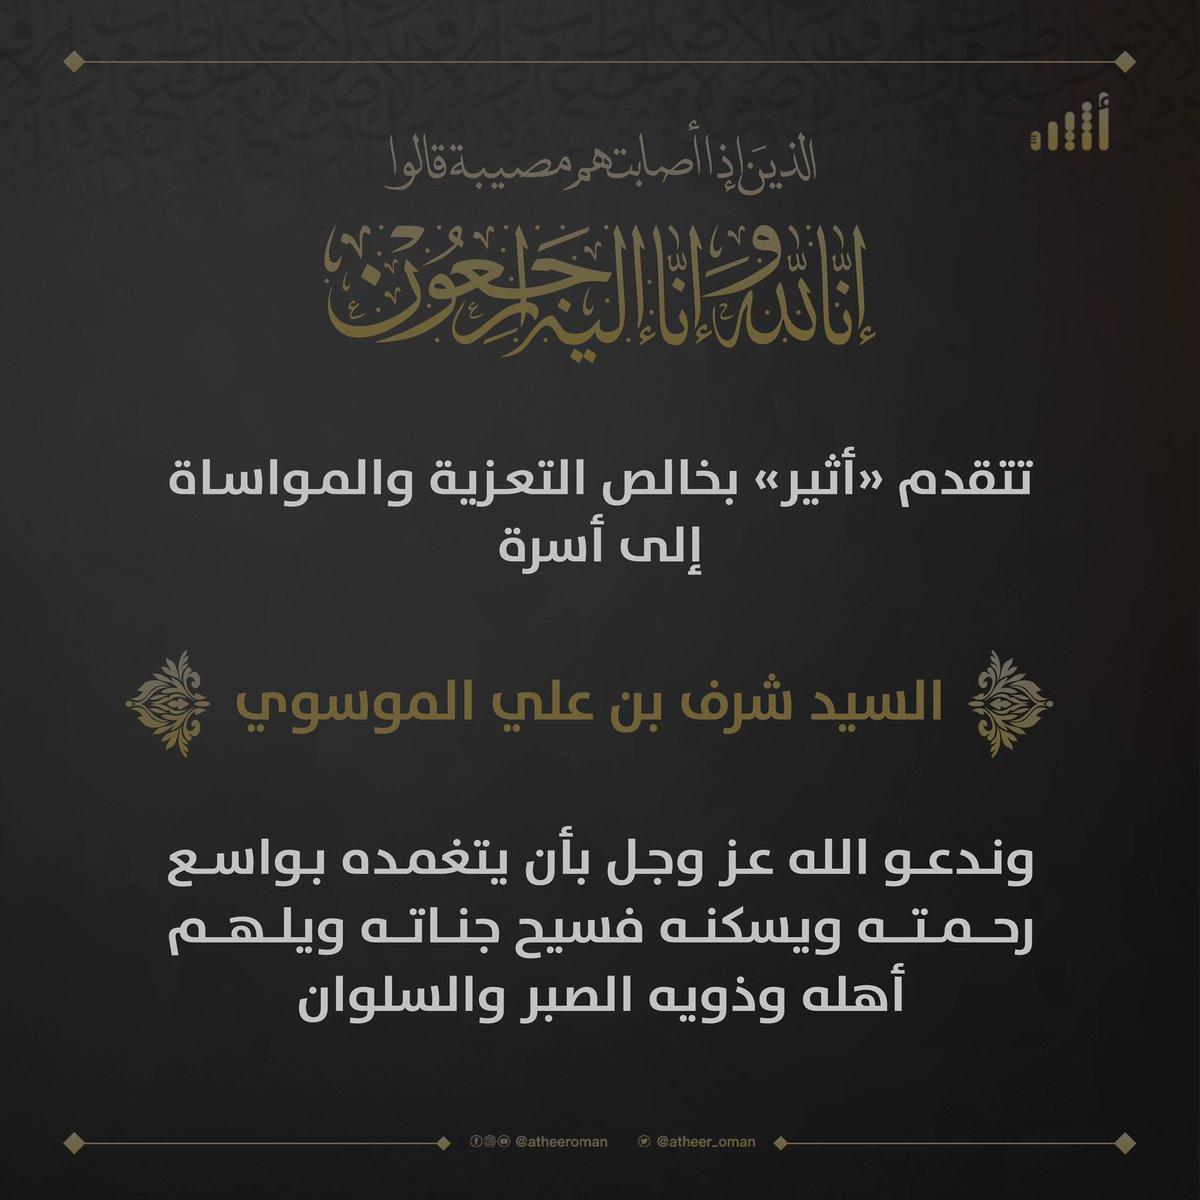 أثير تعزية في وفاة السيد شرف بن علي الموسوي